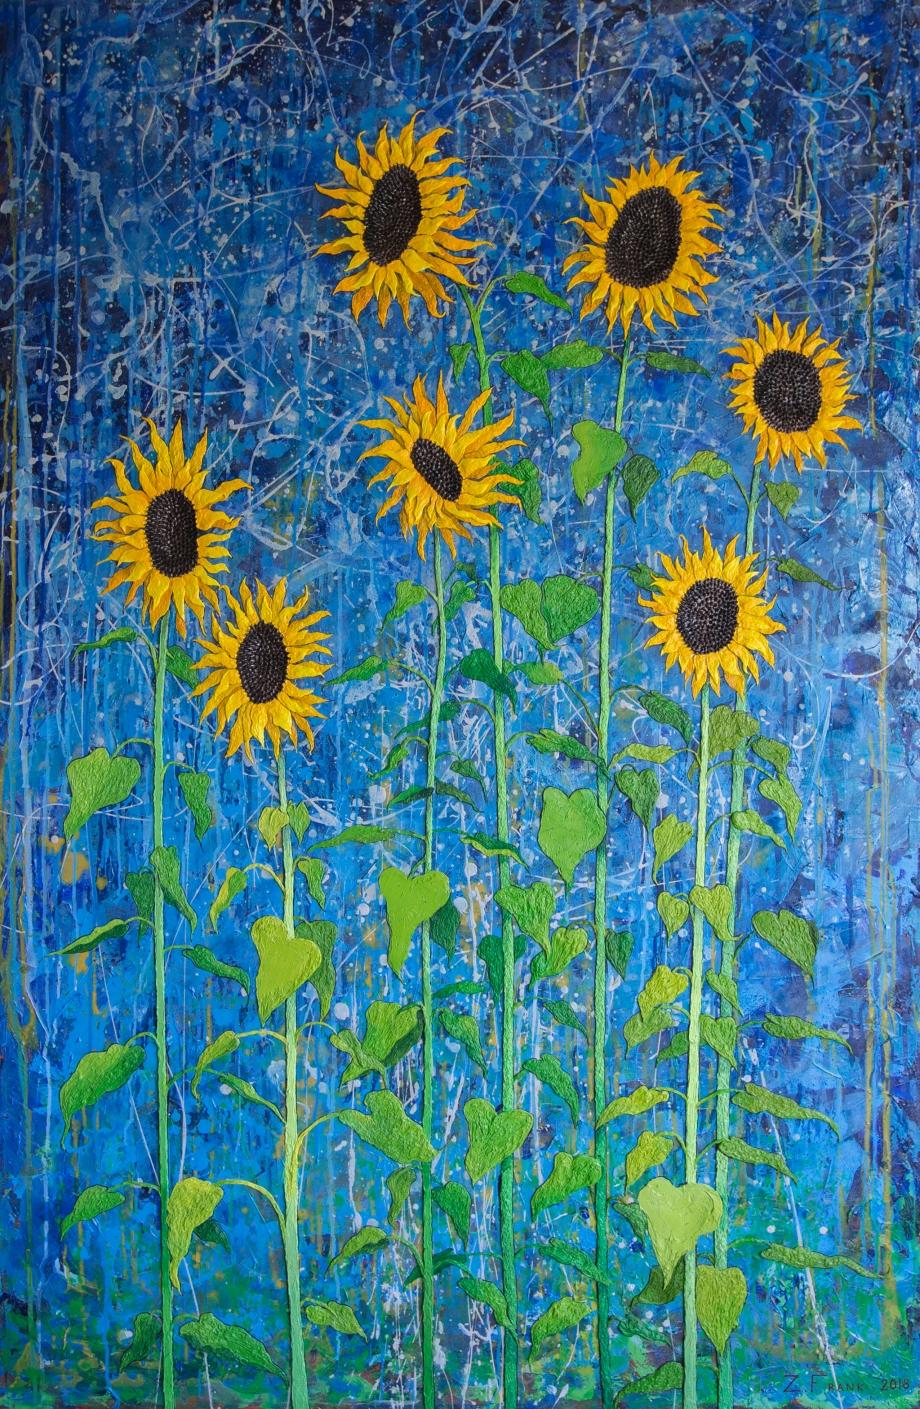 Seven Lucky Sunflowers